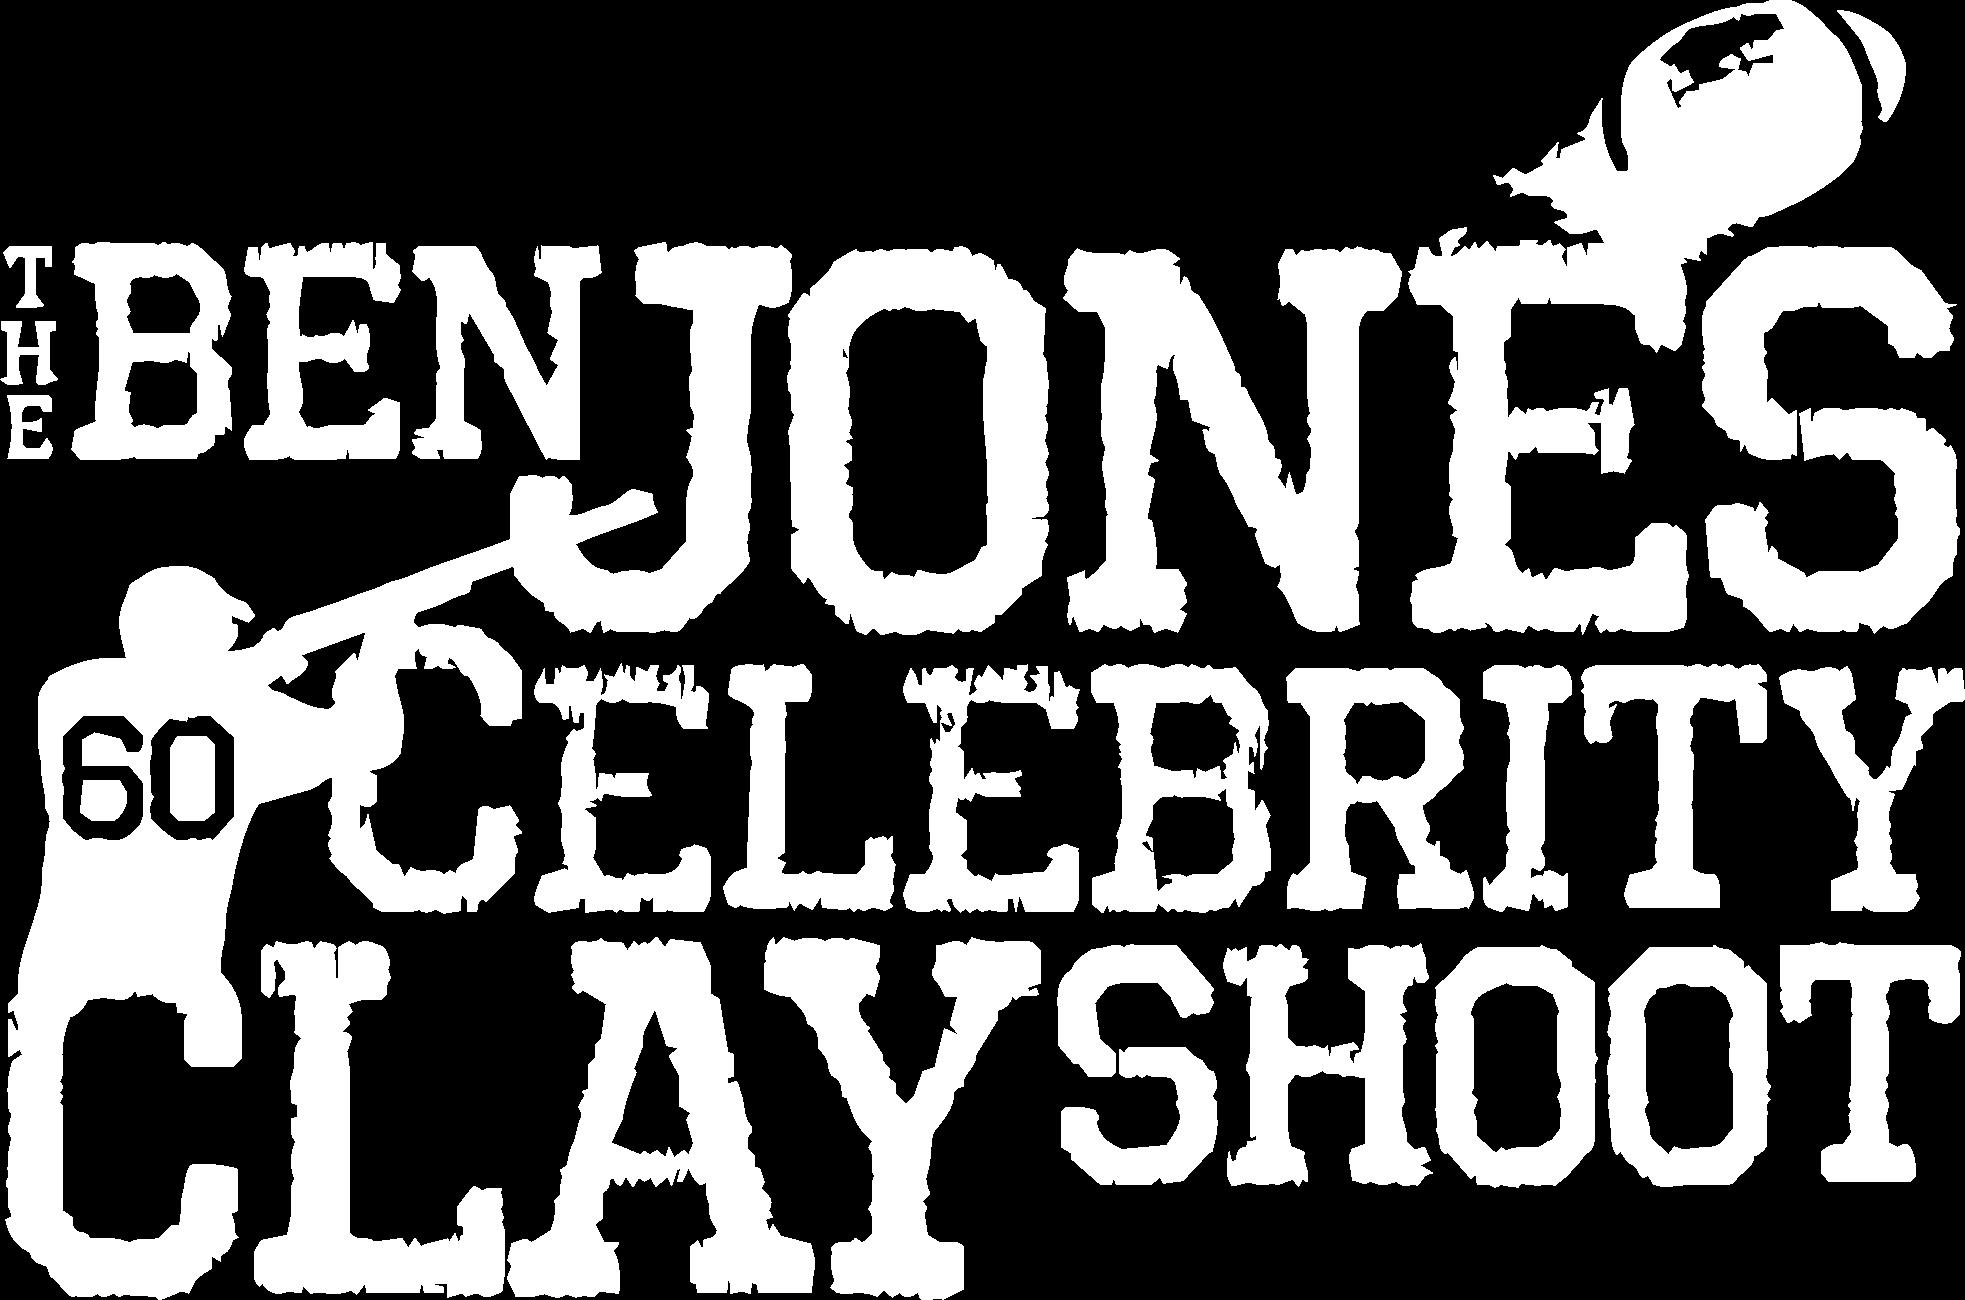 Ben Jones Celebrity Clayshoot - PNG